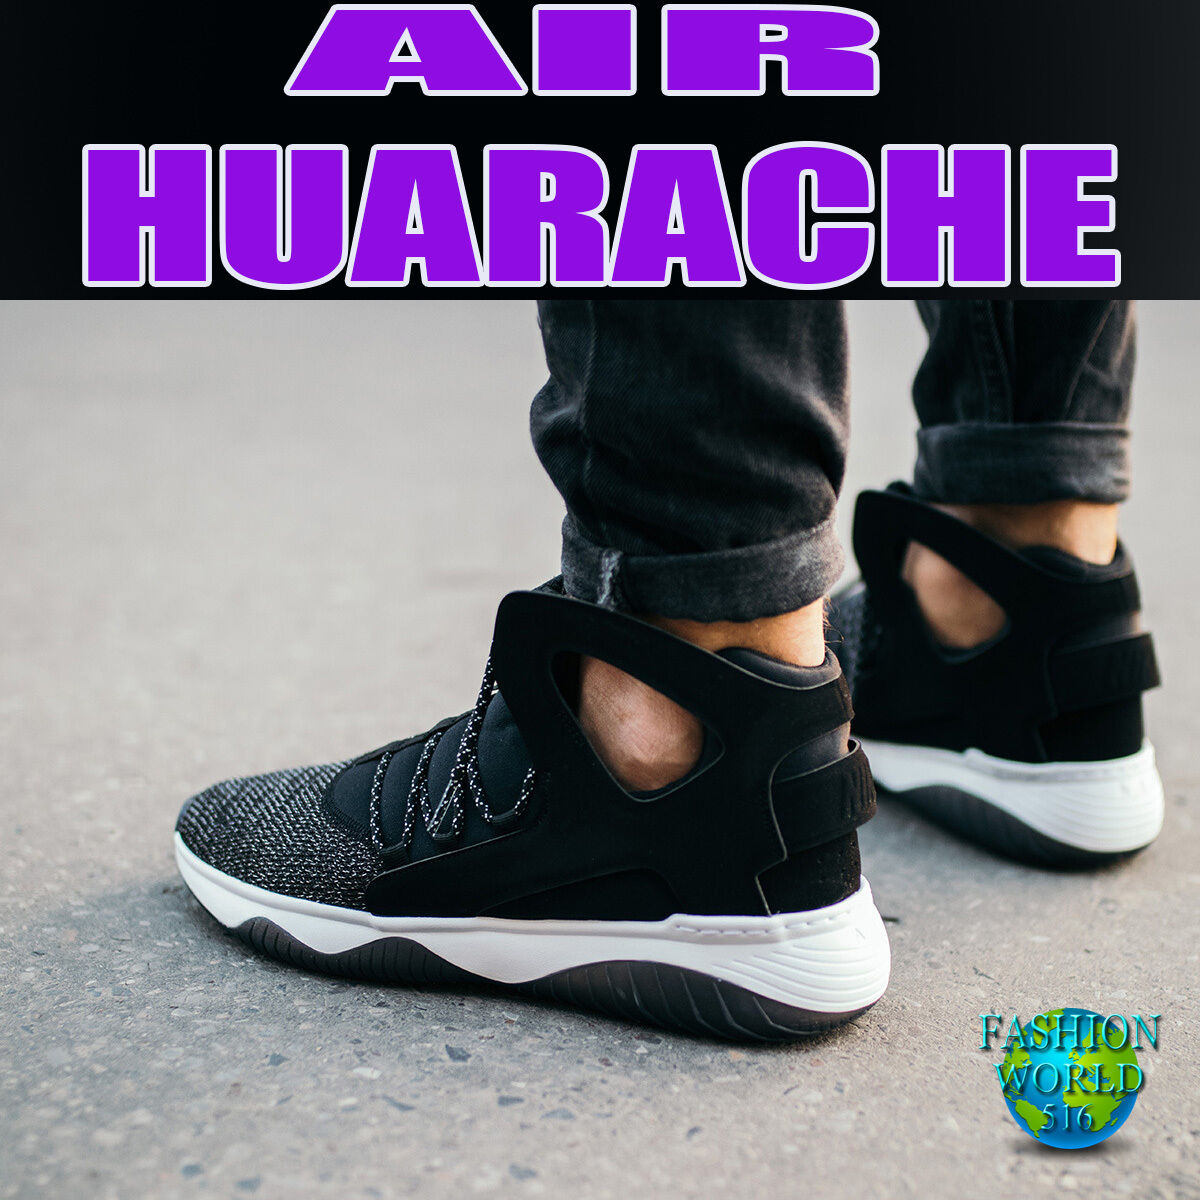 Gli uomini sono nike flynit serie oc, 844797-999 runnig scarpe taglia